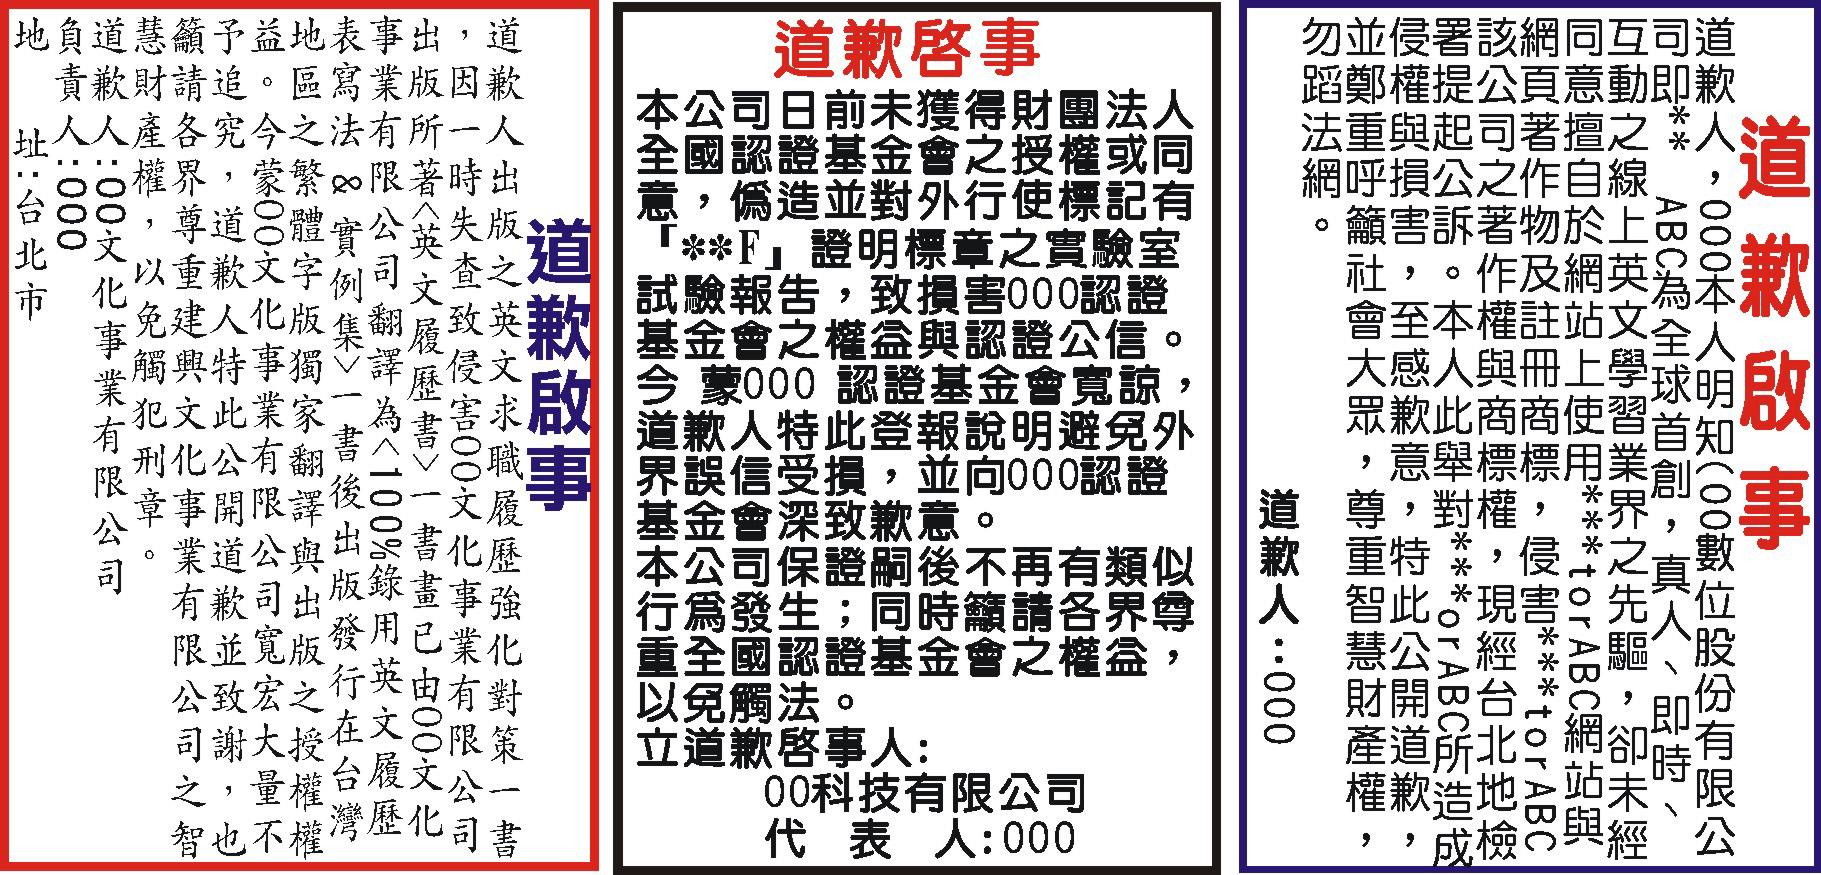 刊登报纸 联合报自由时报中国时报太平洋日报民众日报法院...